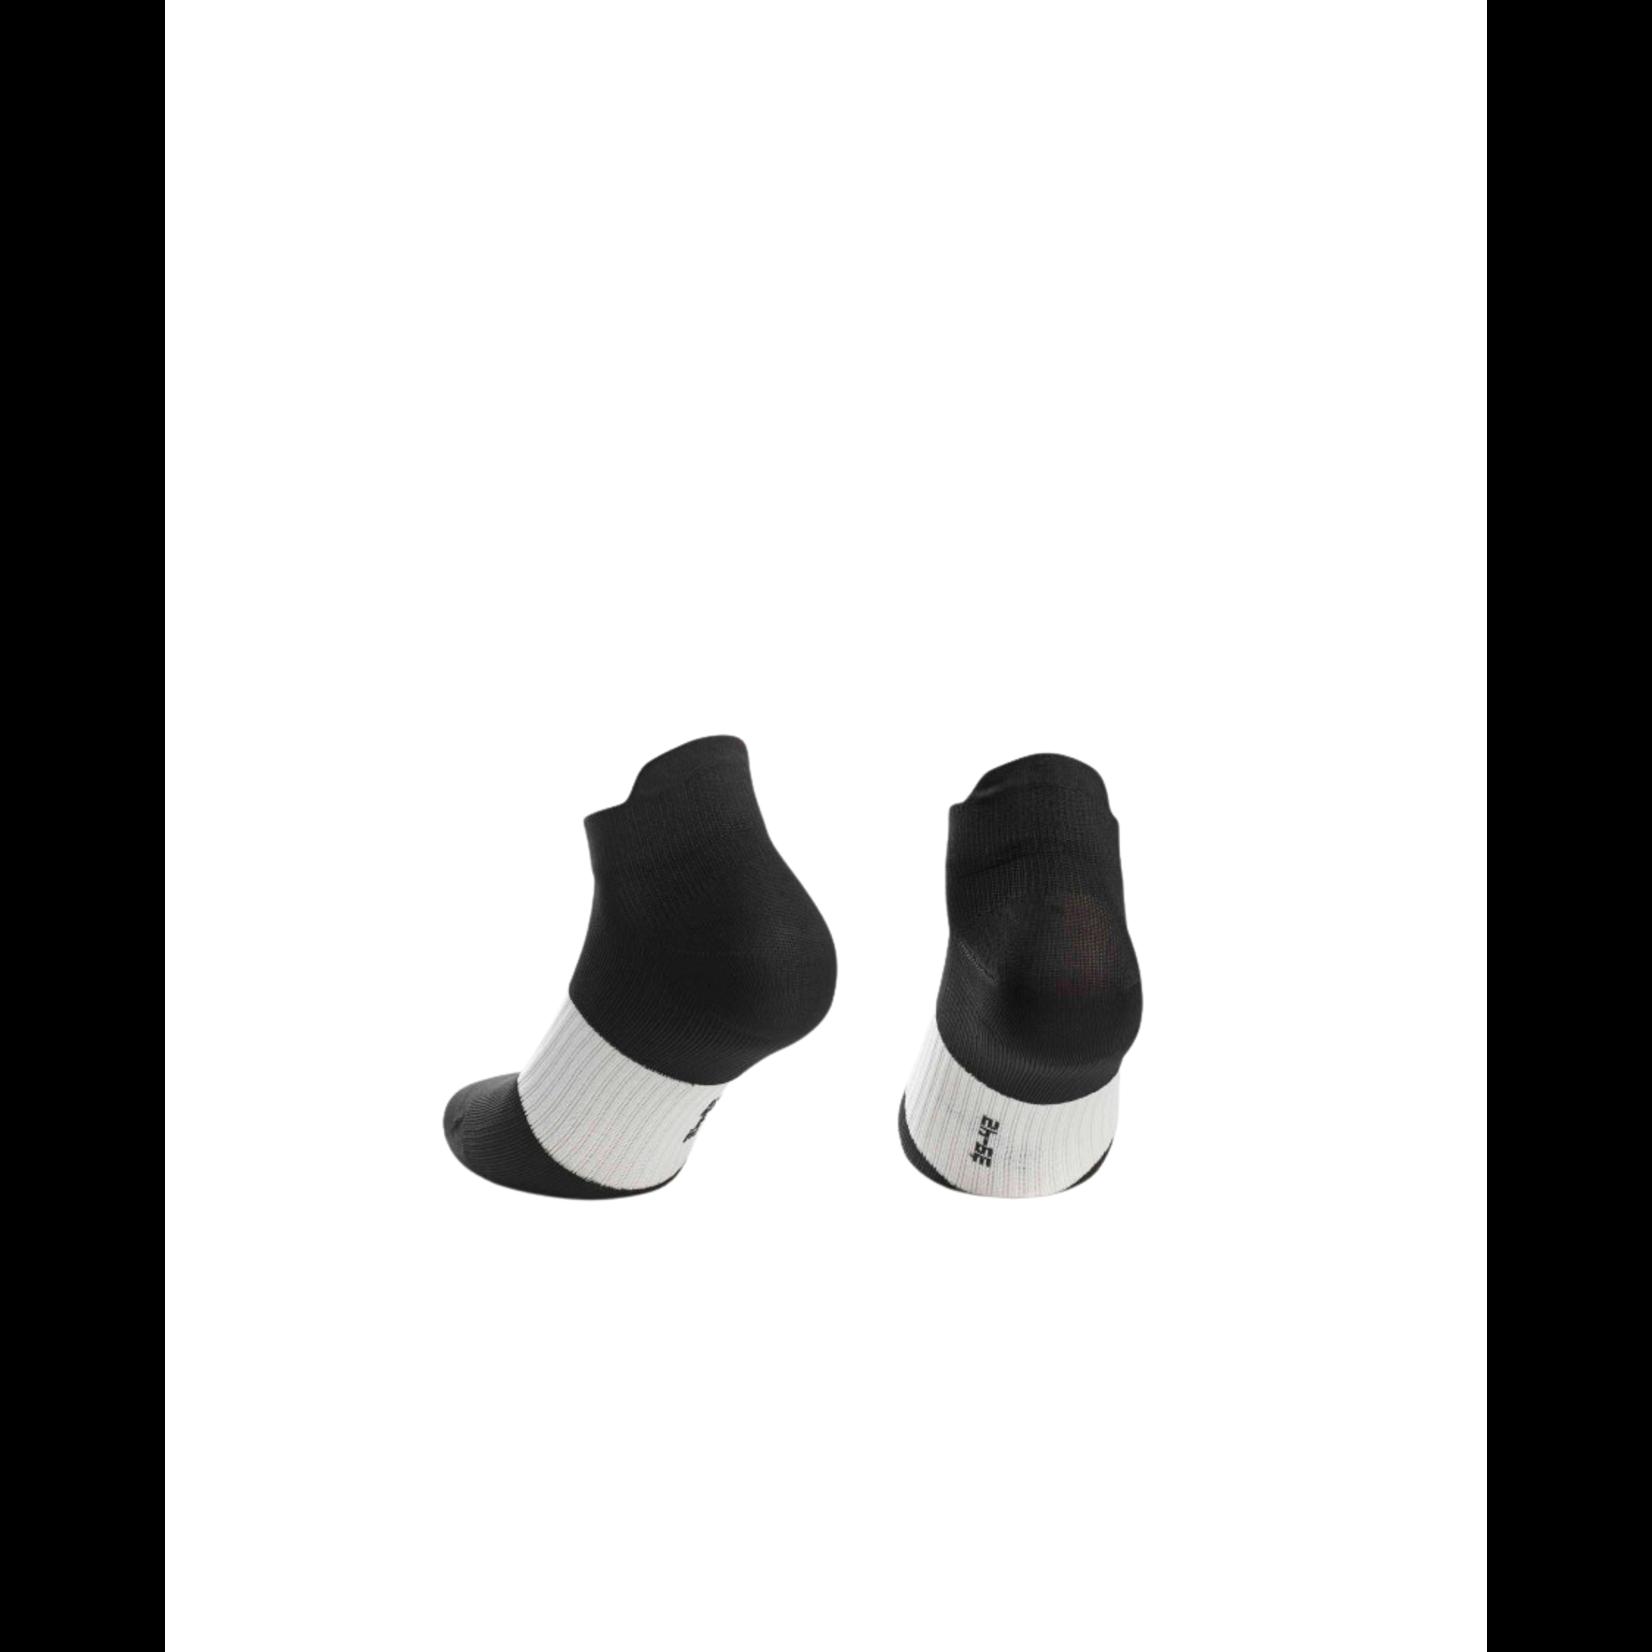 Assos Assos Hot Summer Ankle Socks